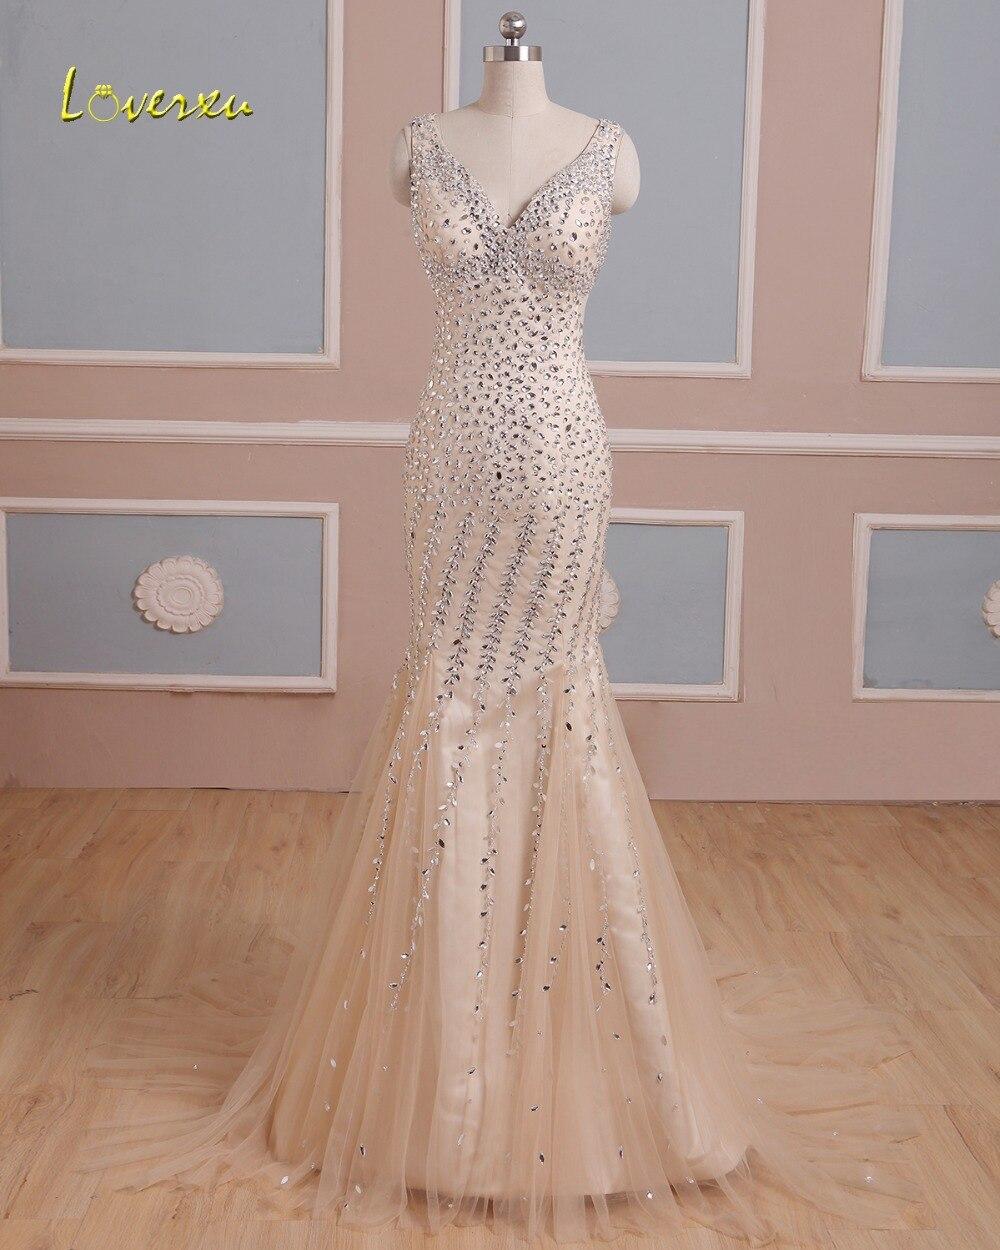 Loverxu romantique chérie dos nu sirène Robe De soirée 2019 luxe perlé cristal formelle Robe De soirée Robe De soirée offre spéciale